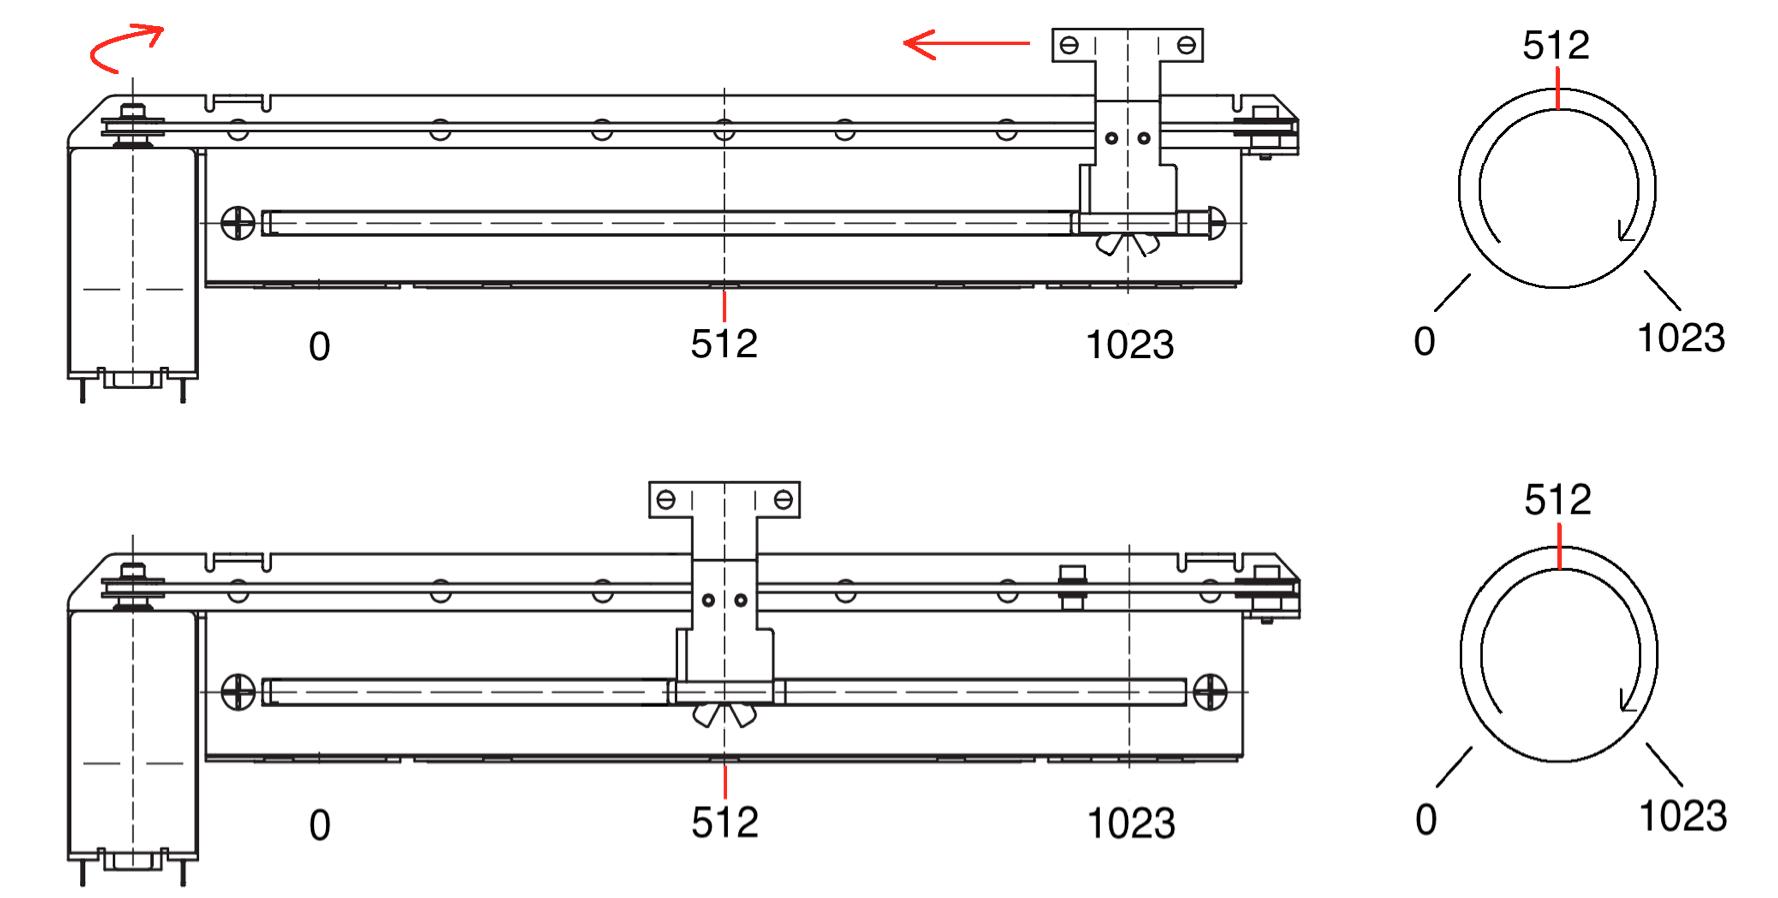 Lorsque la valeur imposée par le potentiomètre est inférieure au curseur, celui-ci est déplacé vers la gauche jusqu'à atteindre la position requise par le potentiomètre.